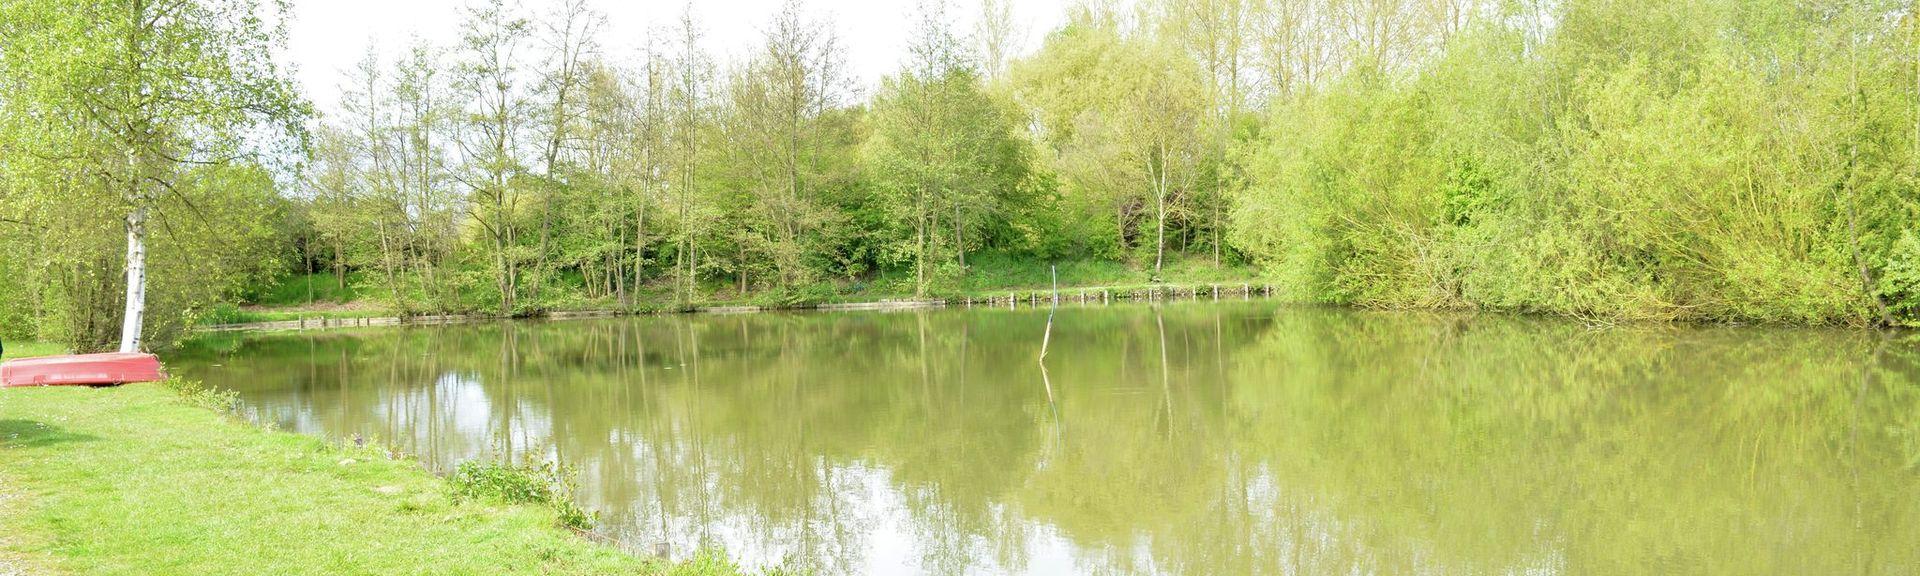 Walloon Brabant (provincia), Región de Valonia, Bélgica